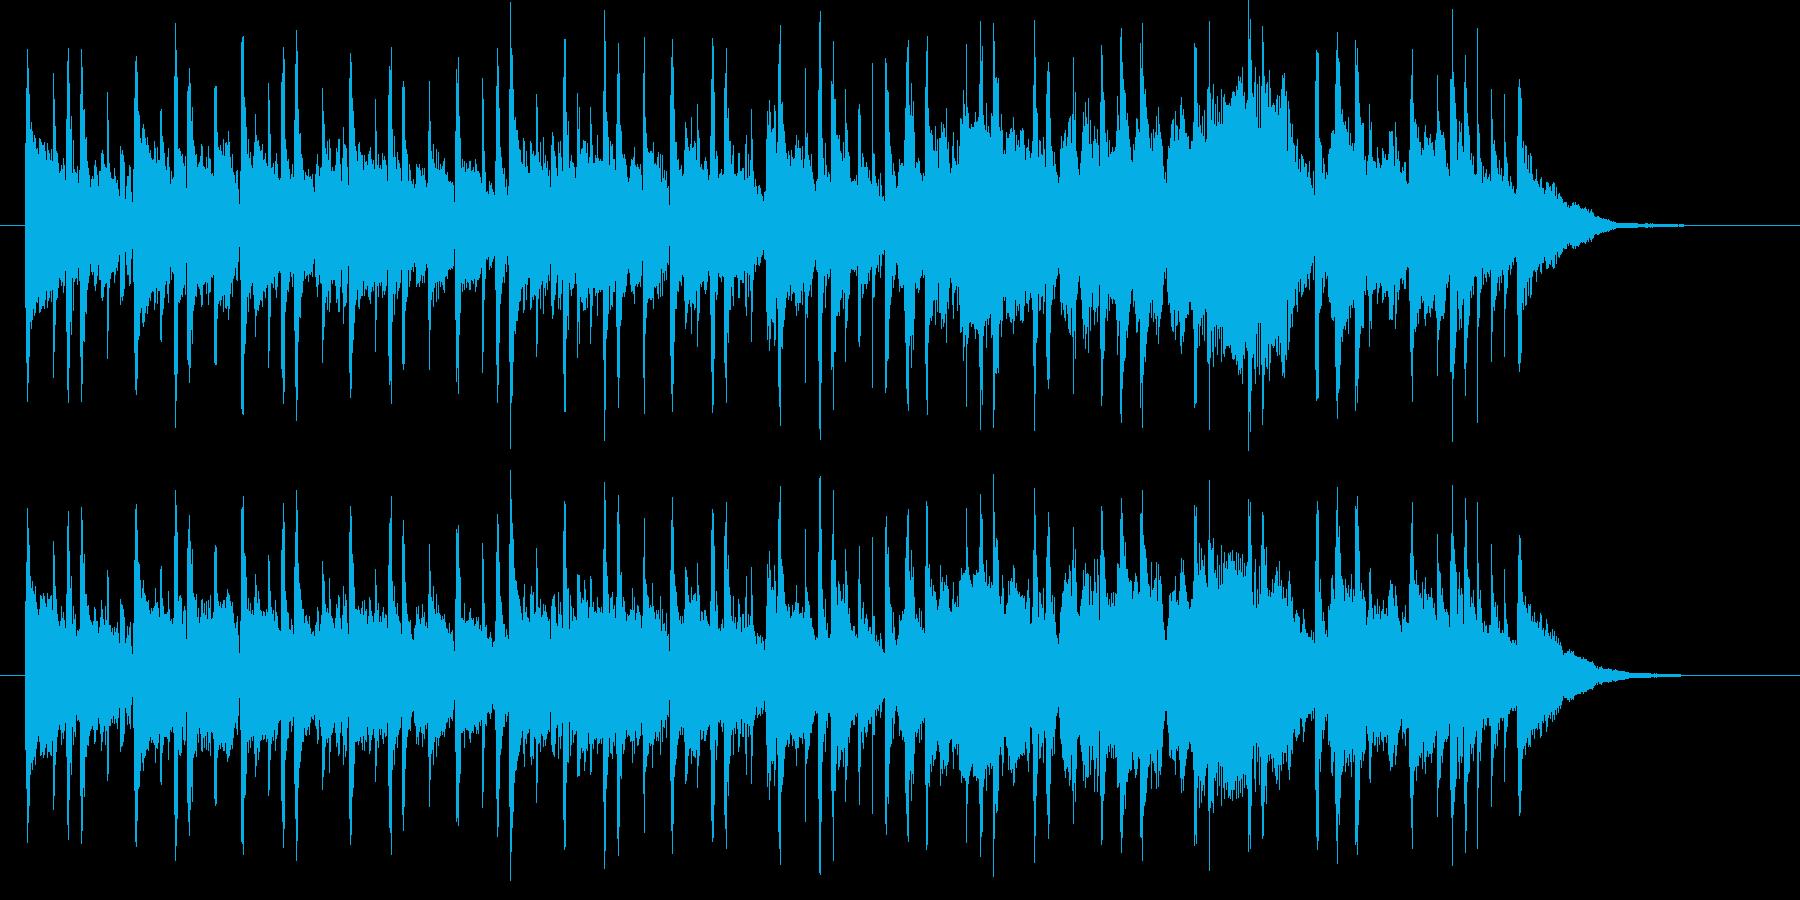 和やかでゆったりした音楽の再生済みの波形